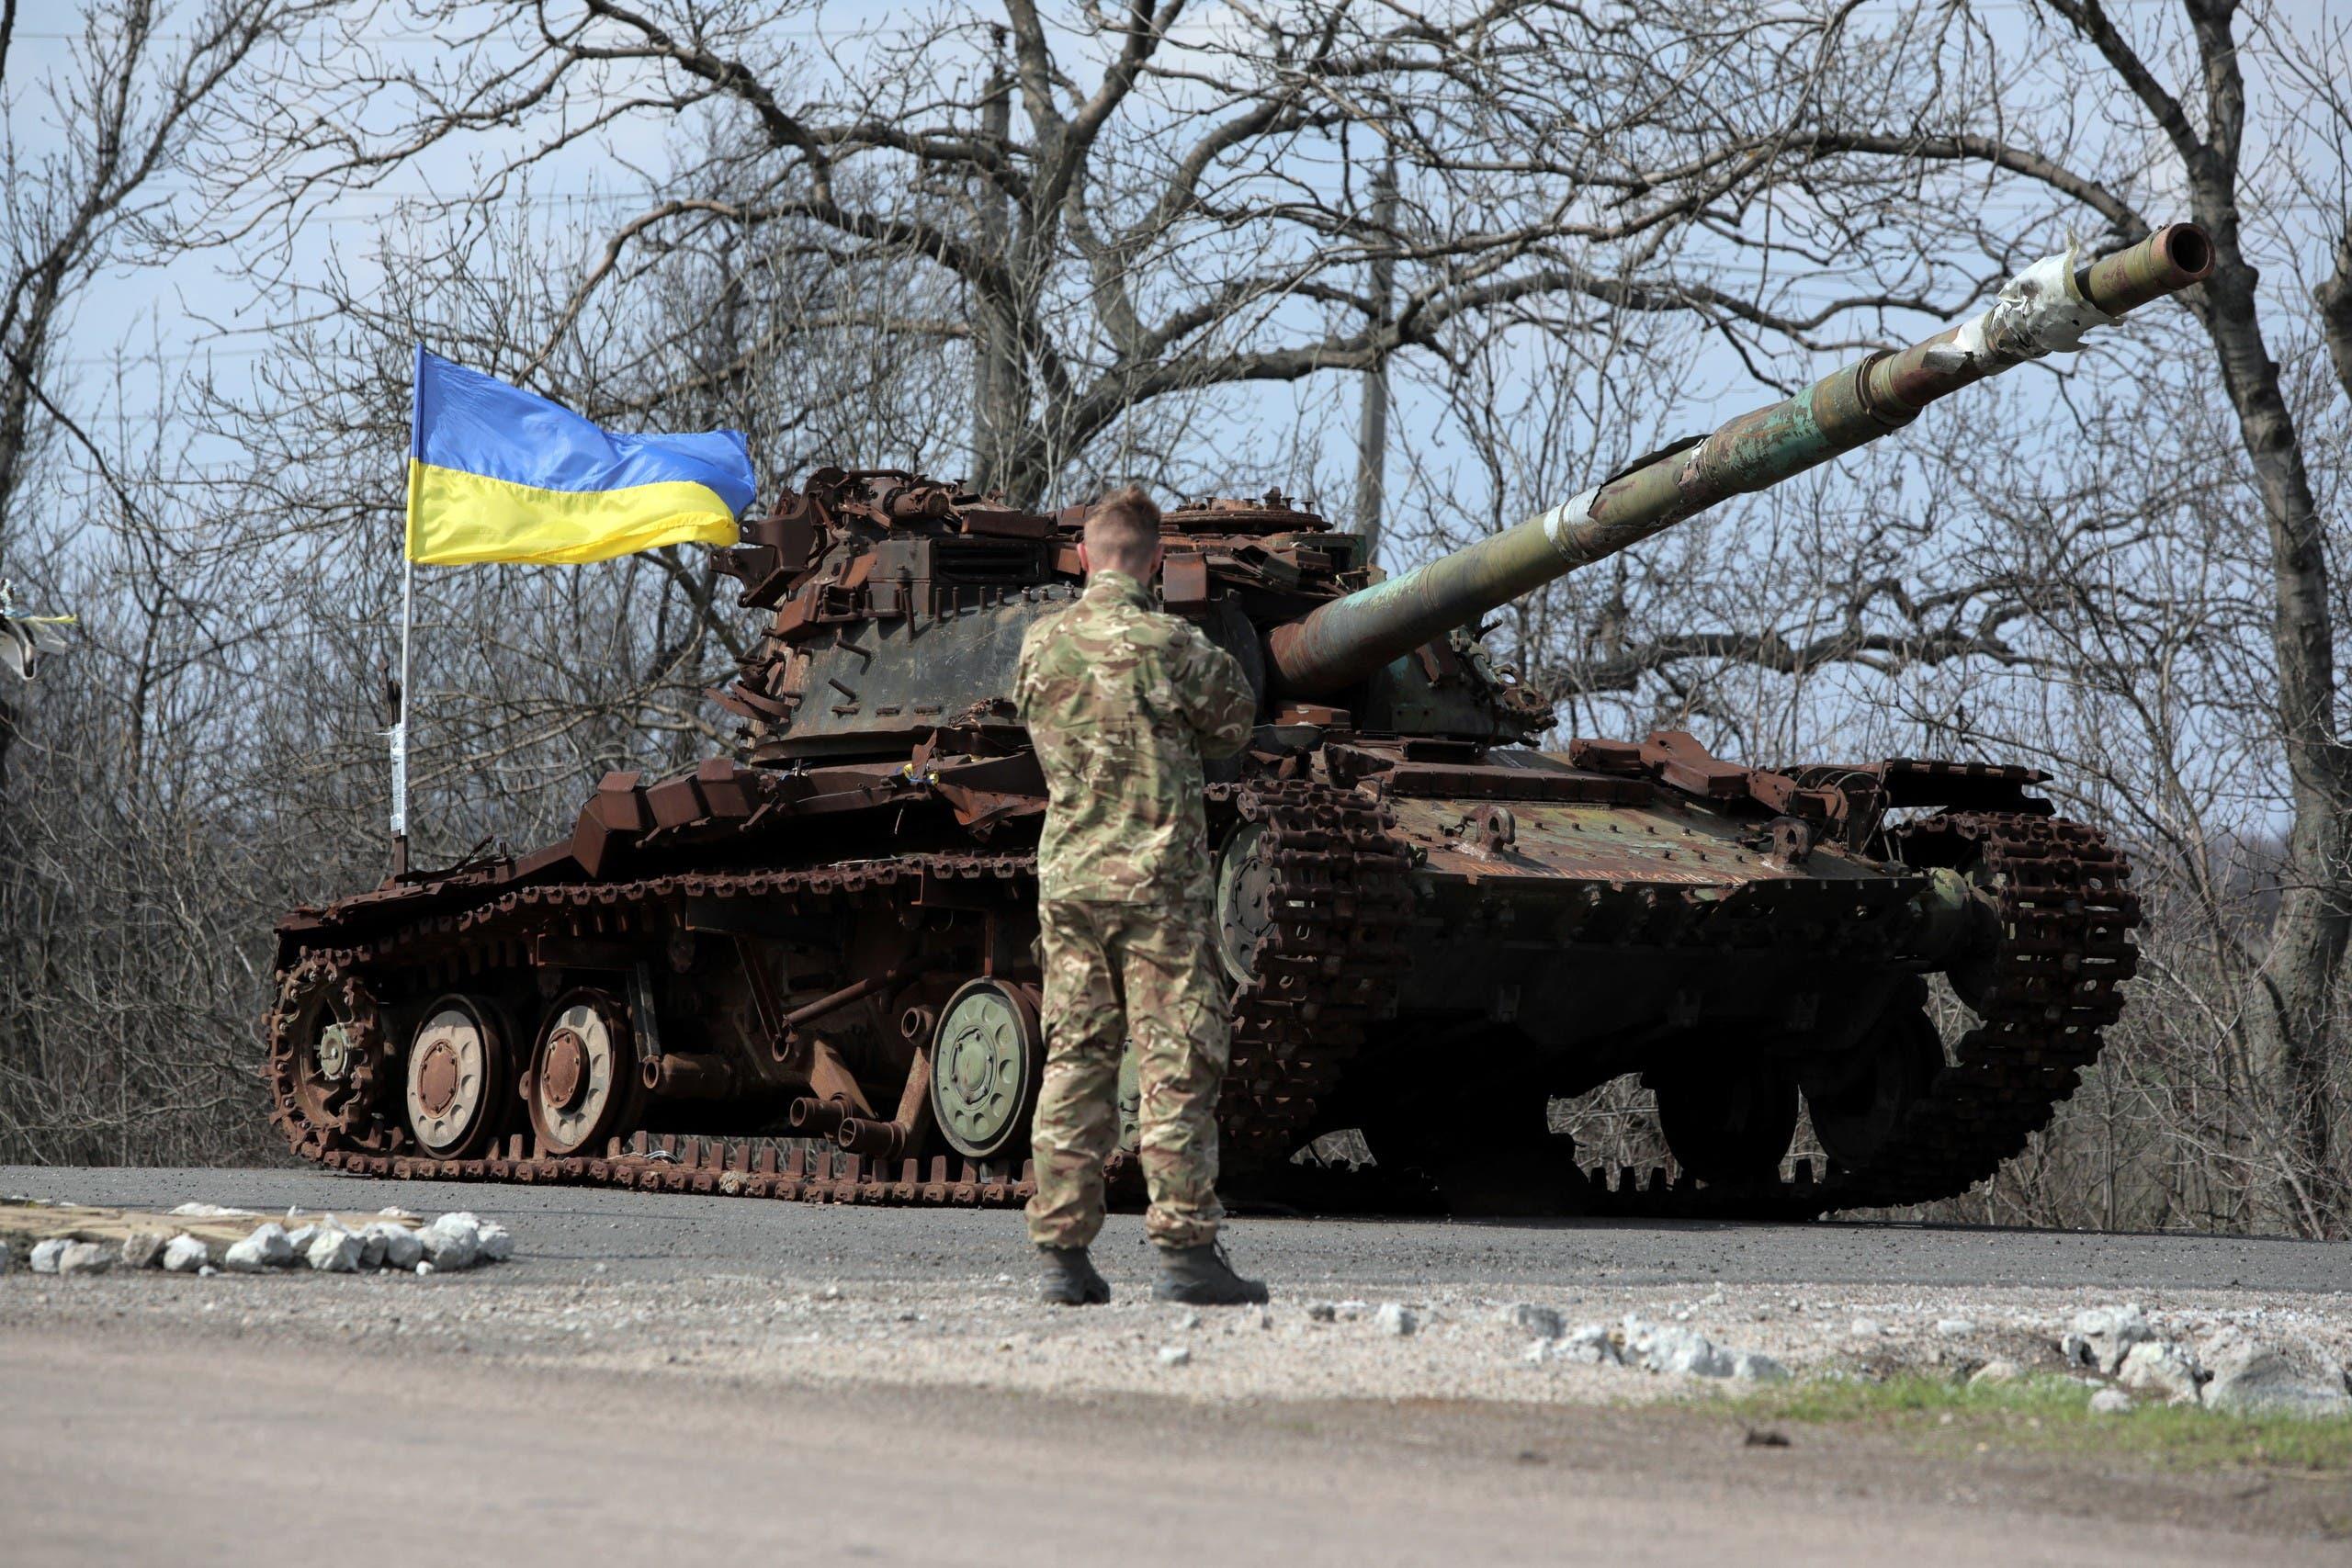 جندي أوكراني يقف بجوار دبابة أوكرانية دمرت عام 2014 من قبل الانفصاليين المدعومين من روسيا في منطقة دونيتسك يوم 21 أبريل